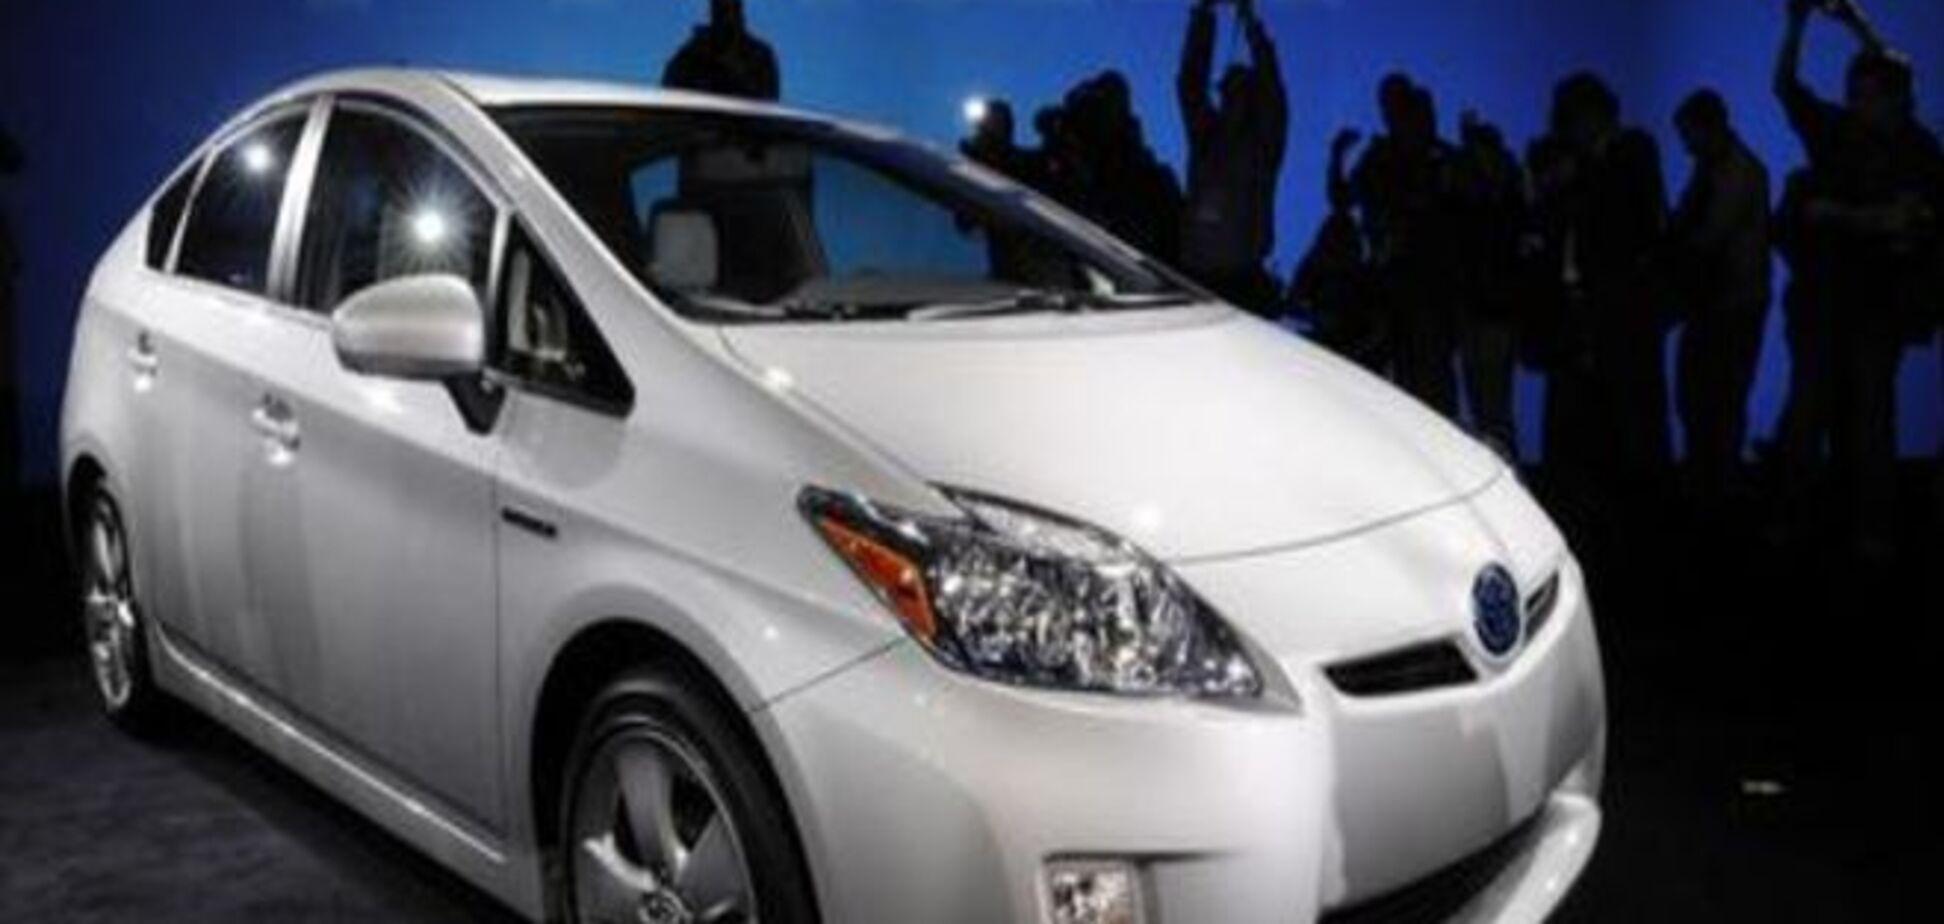 Toyota відкликає 600 тисяч гібридних автомобілів